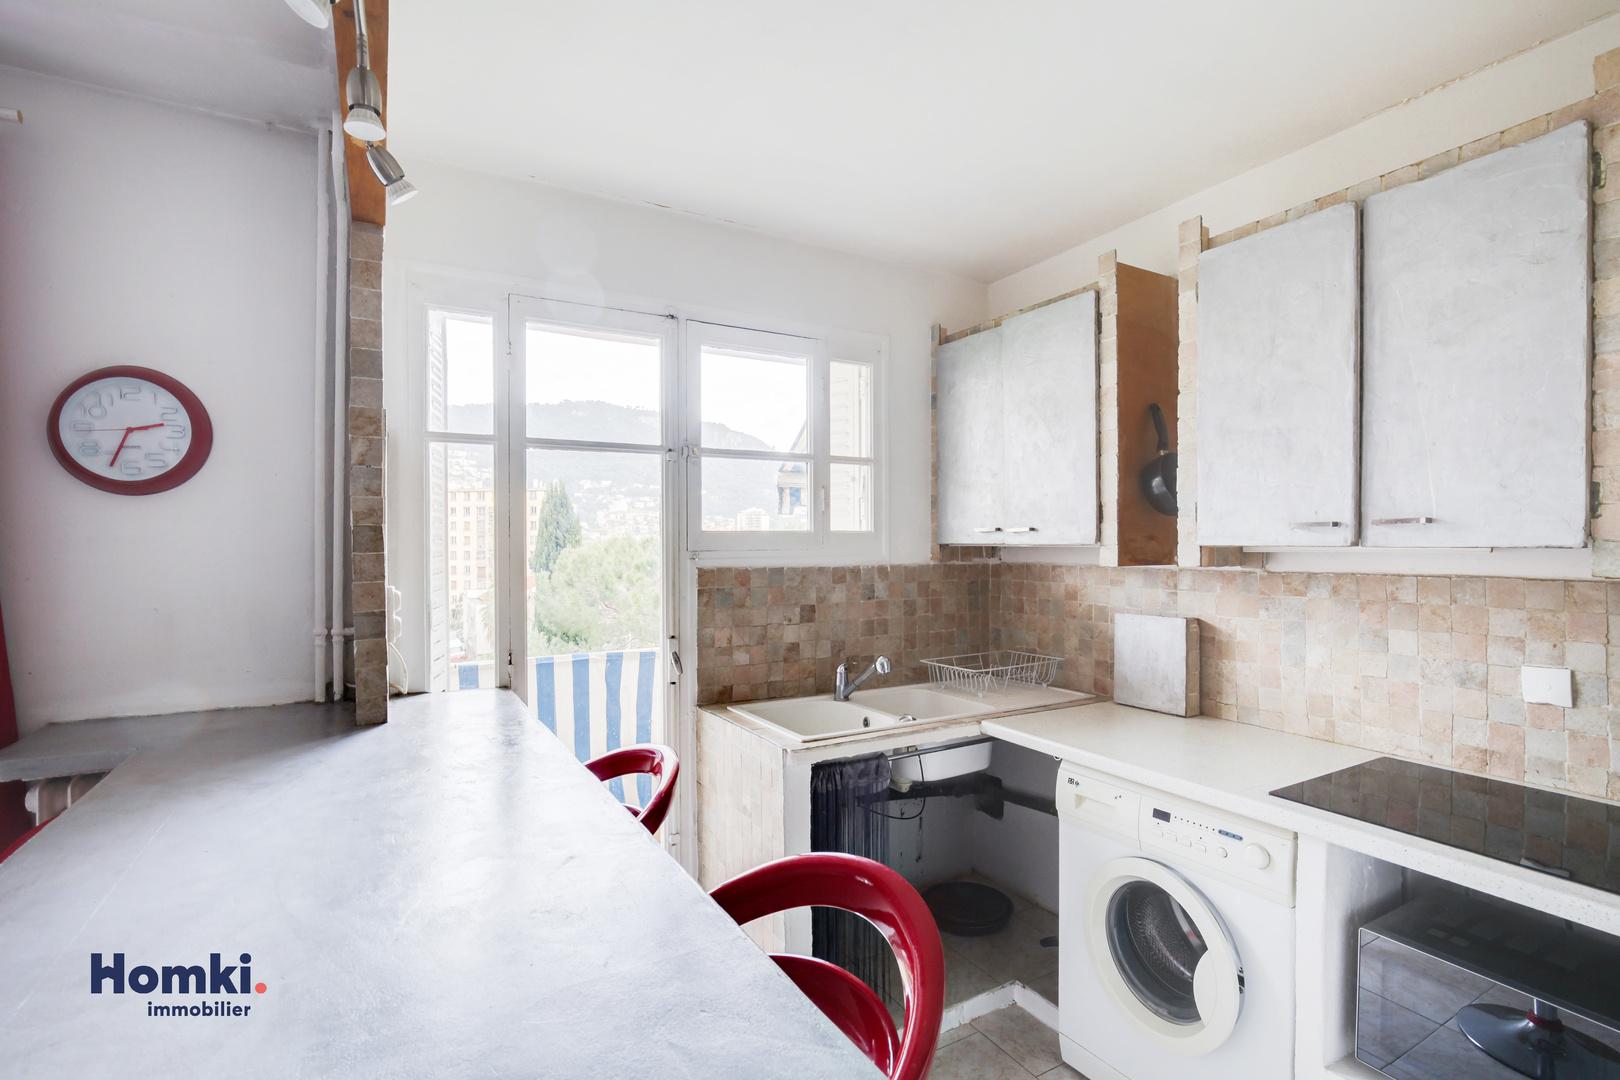 Homki - Vente appartement  de 45.0 m² à nice 06000